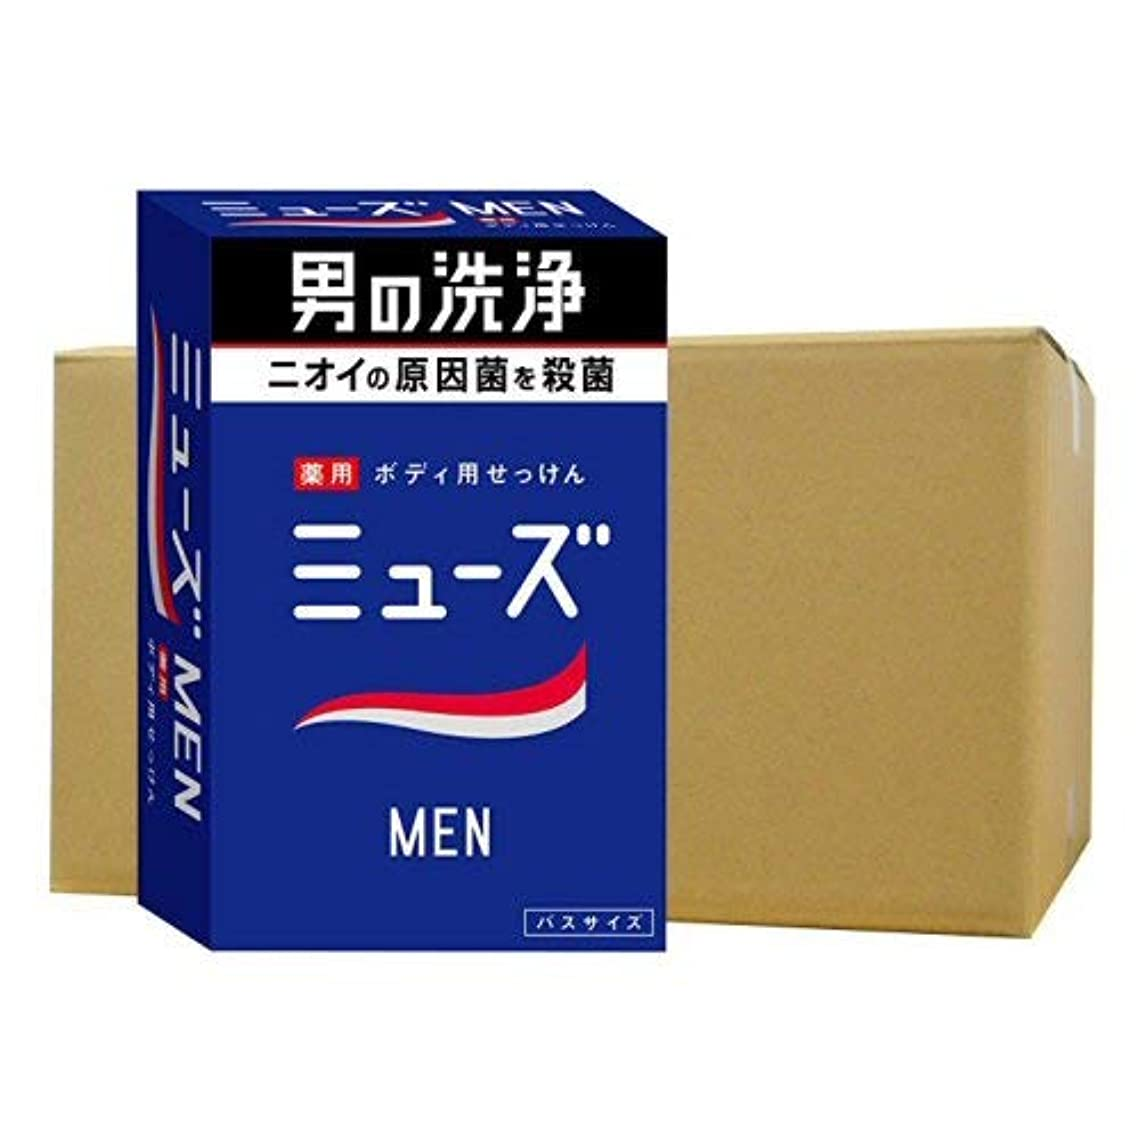 交渉する報復ストロークミューズメン薬用石鹸 135g×24個セット